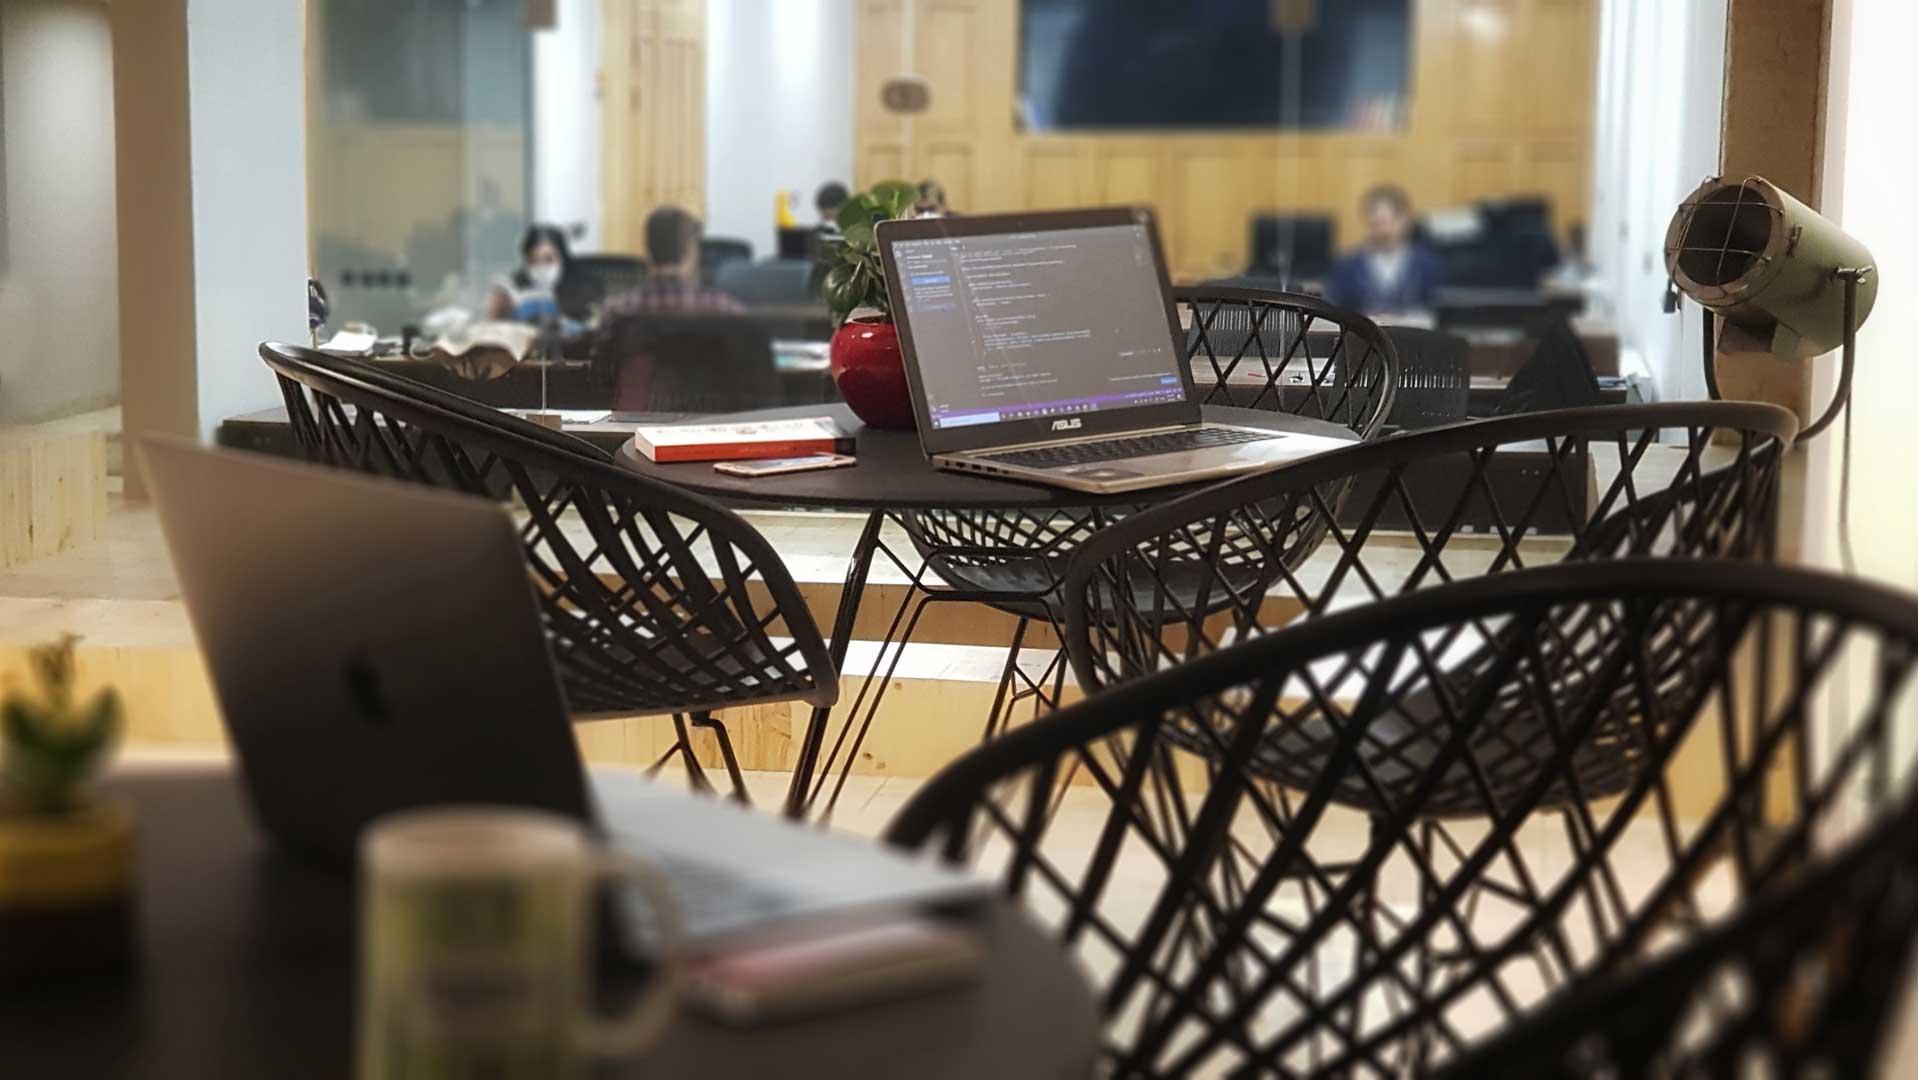 تصویر کافه کار فضای کار اشتراکی پویتک